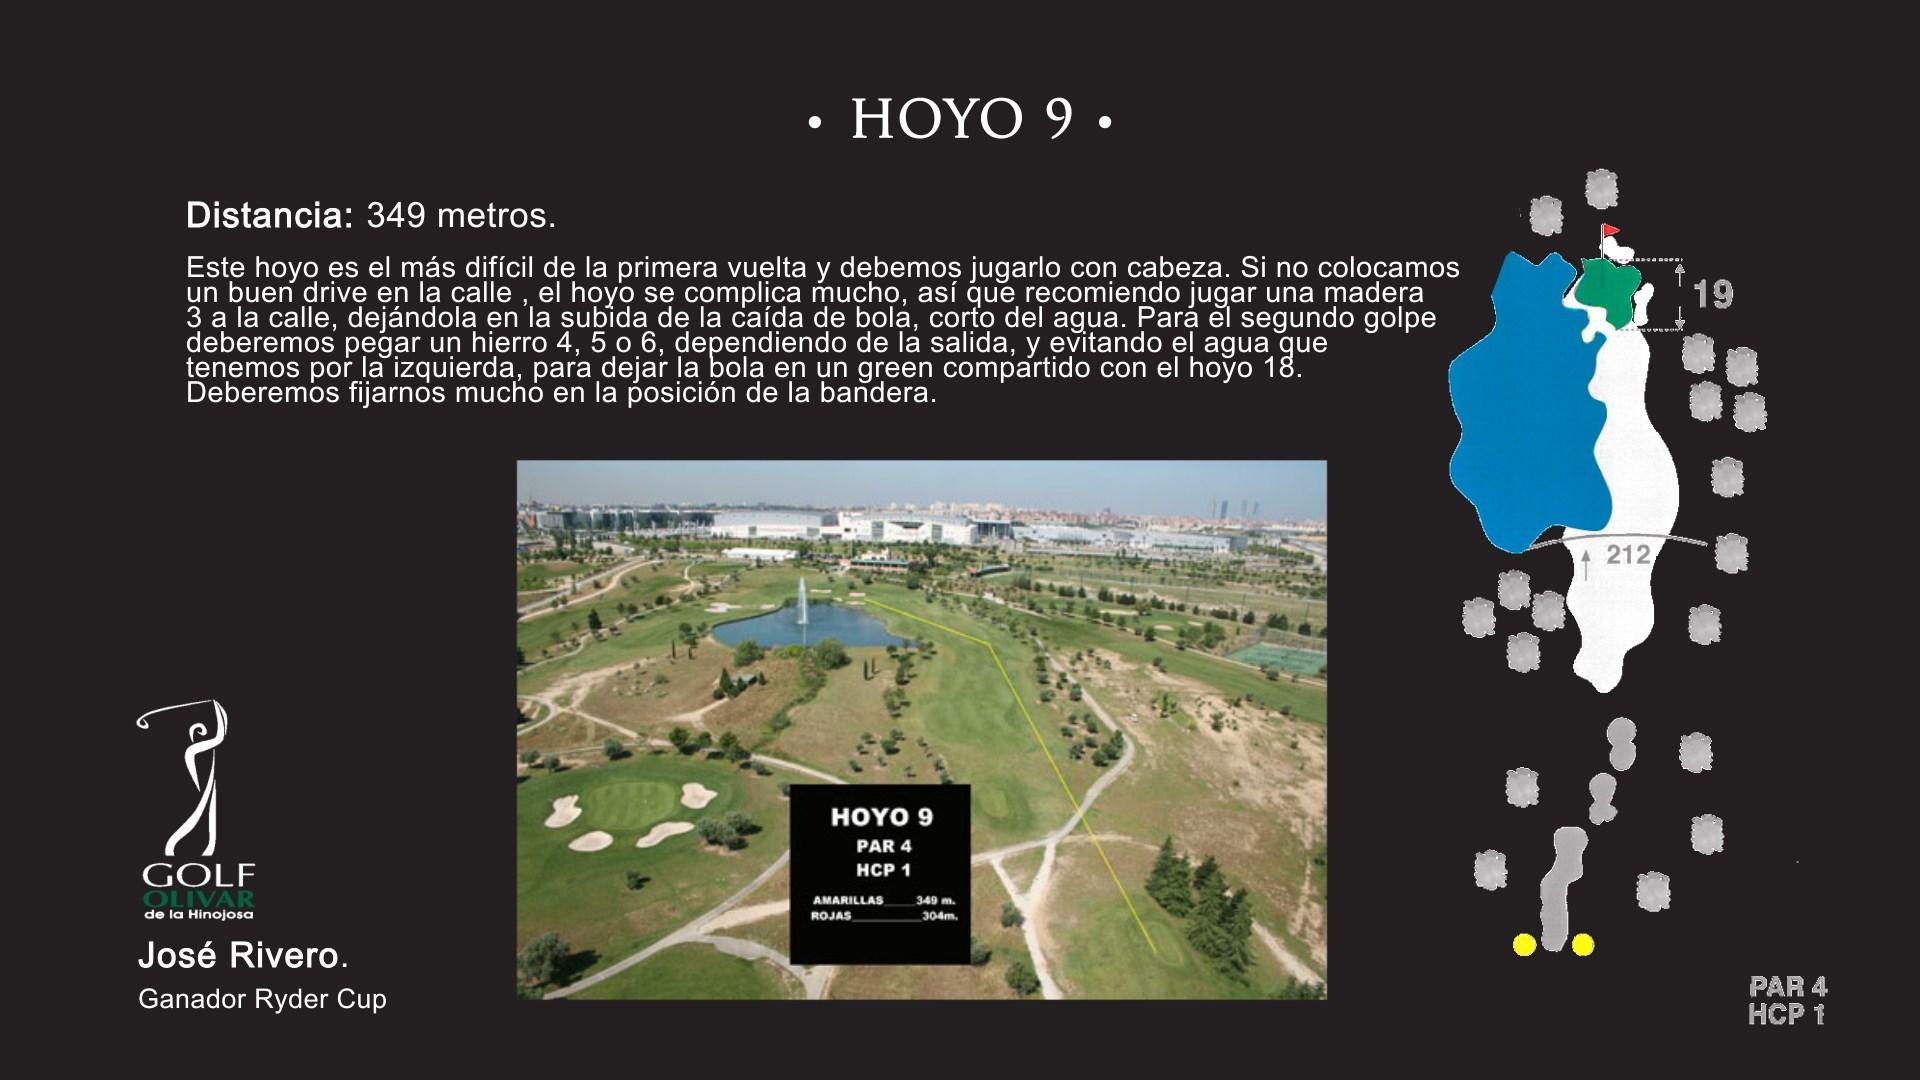 Hoyo 9 Olivar de la Hinojosa